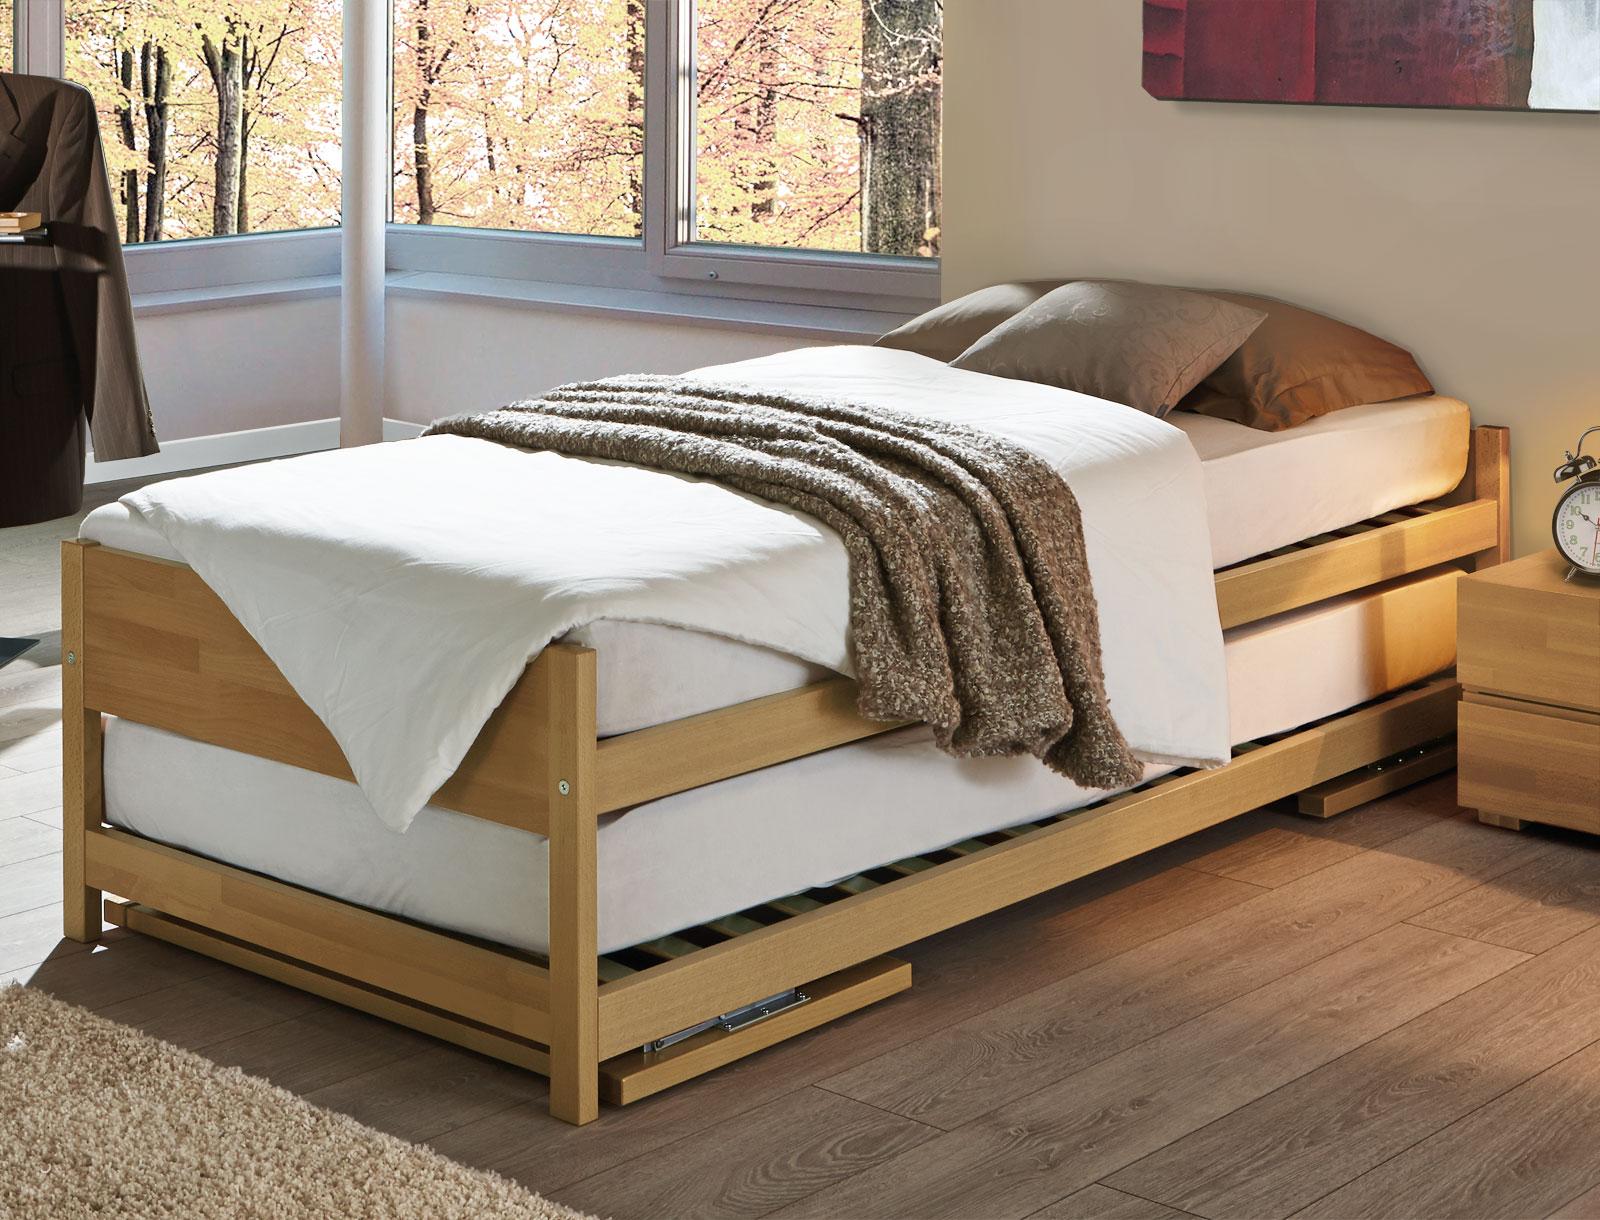 Full Size of Bett Ausziehbar Gleiche Ebene Ikea Zwei Betten Gleicher Gre Unser Ausziehbett On Top 90x200 Mit Lattenrost Und Matratze Luxus 100x200 Metall Barock Schubladen Wohnzimmer Bett Ausziehbar Gleiche Ebene